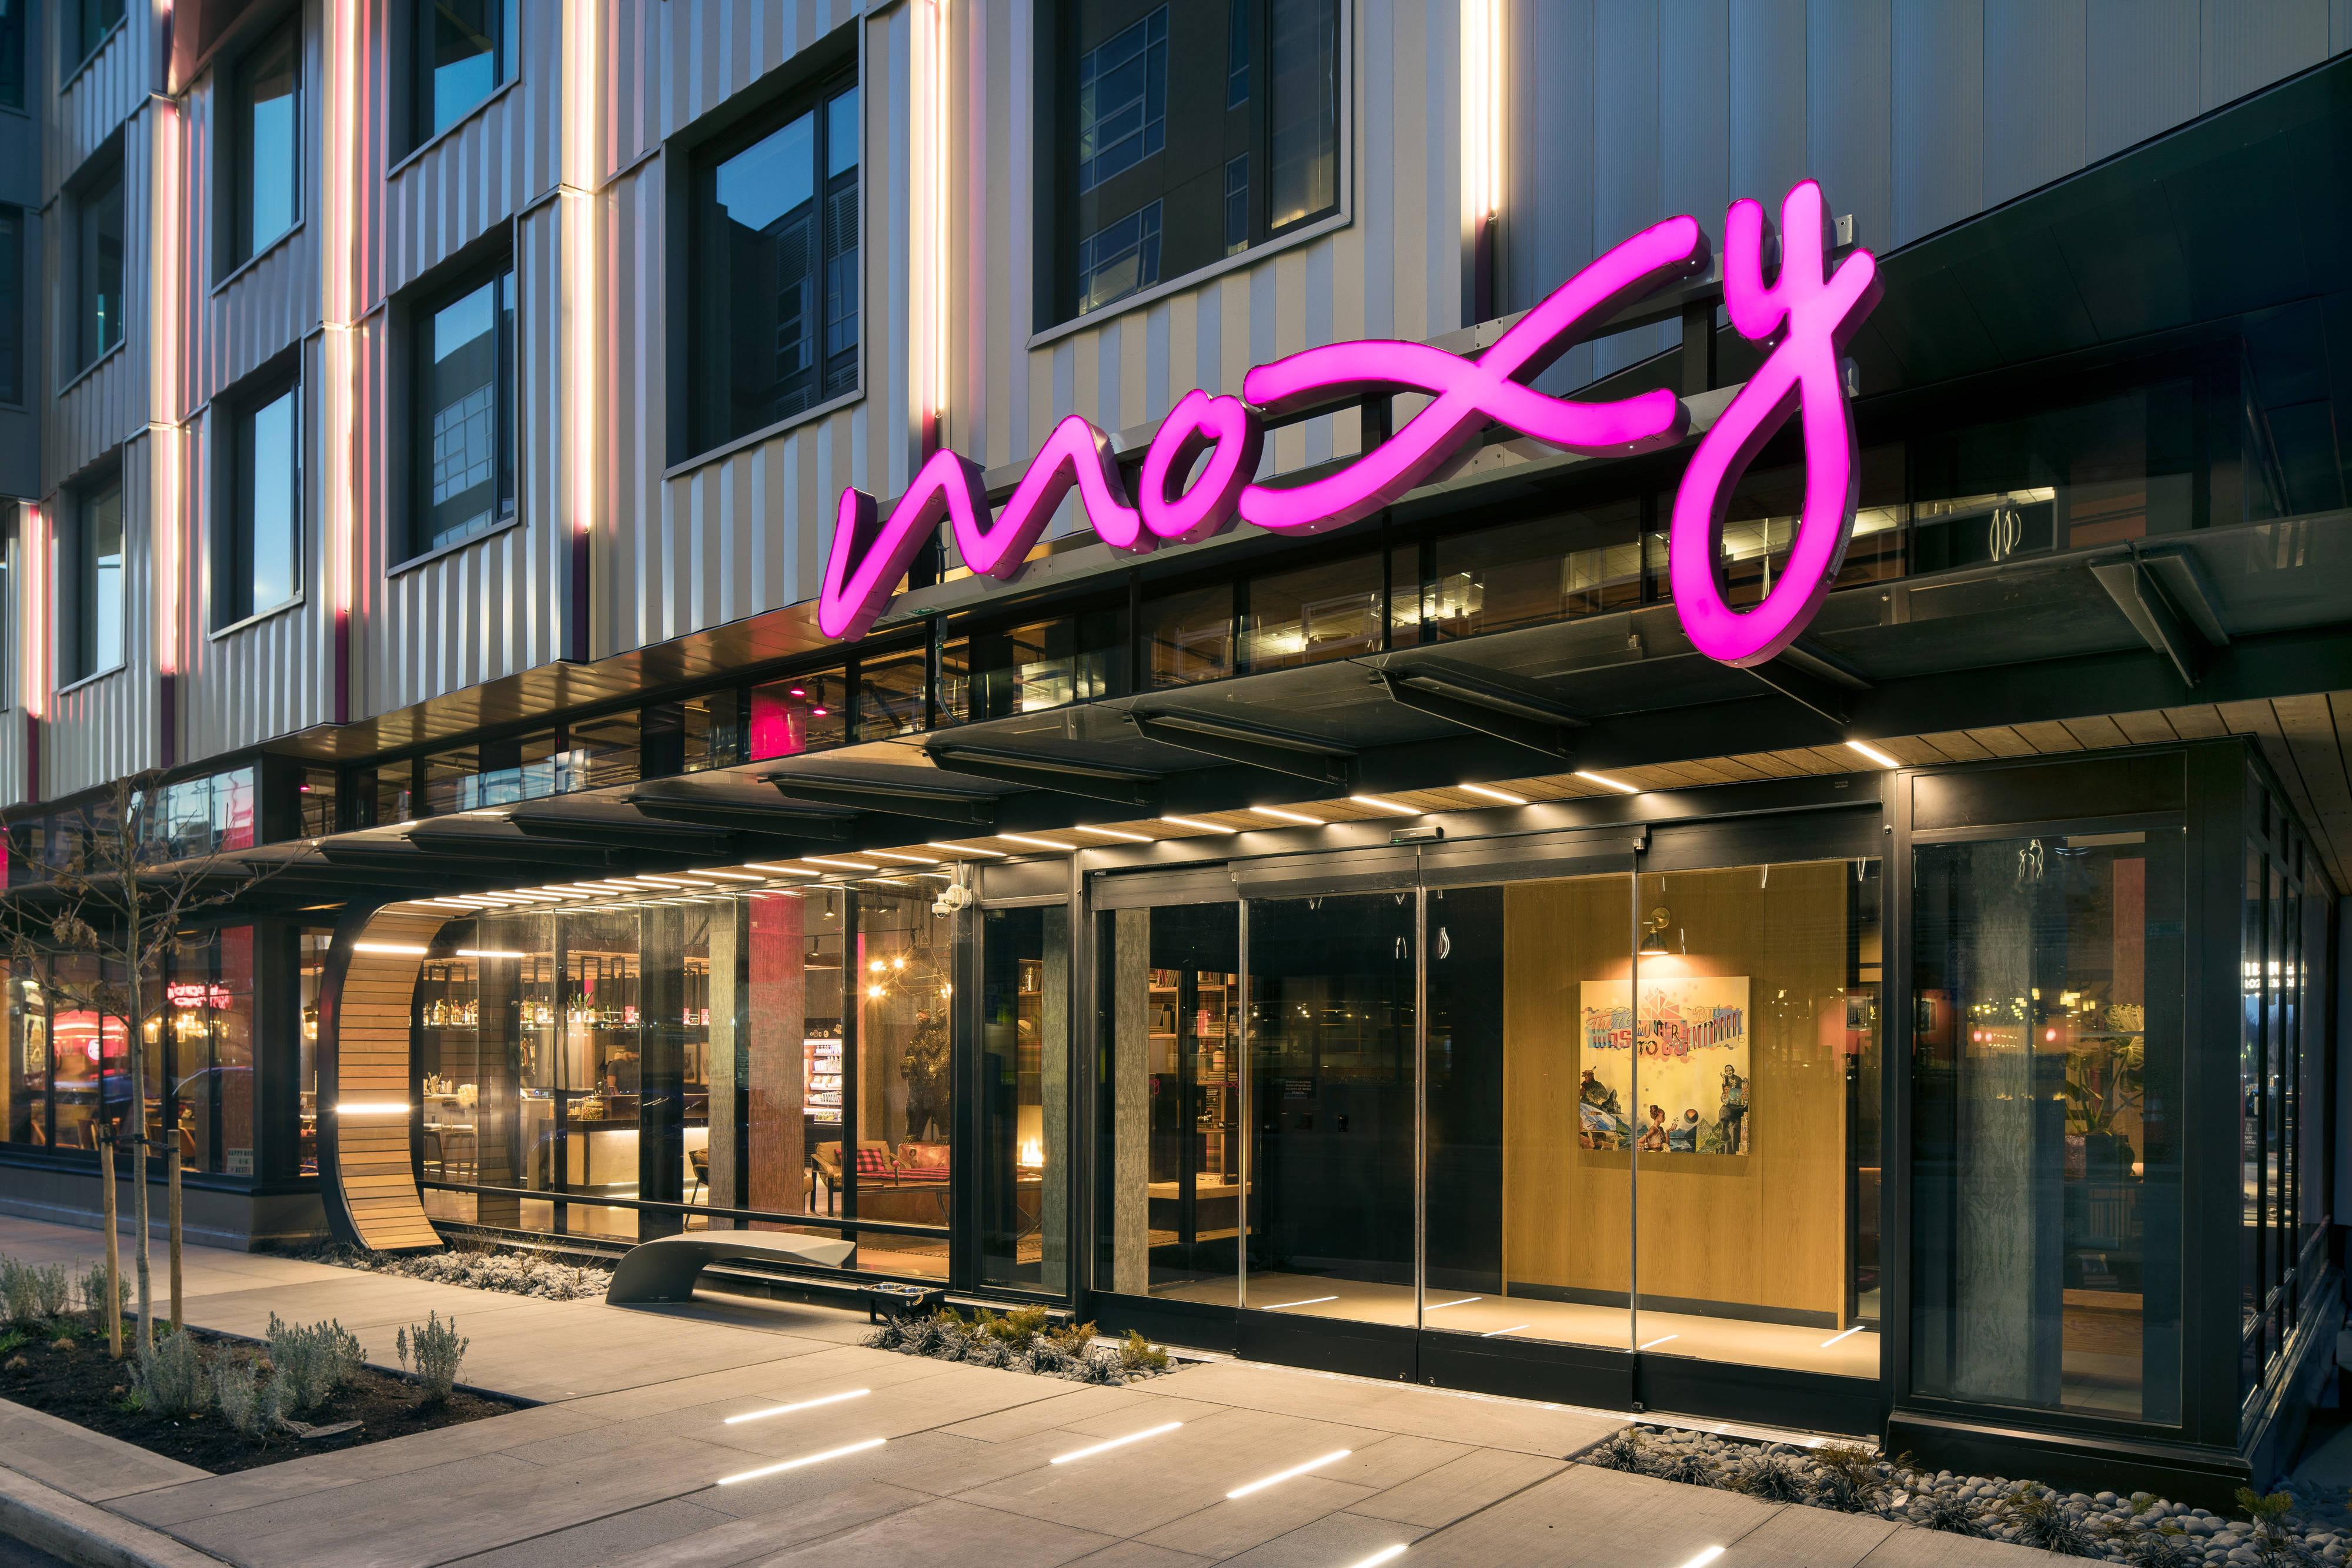 Moxy By Marriott Seattle Dwtn